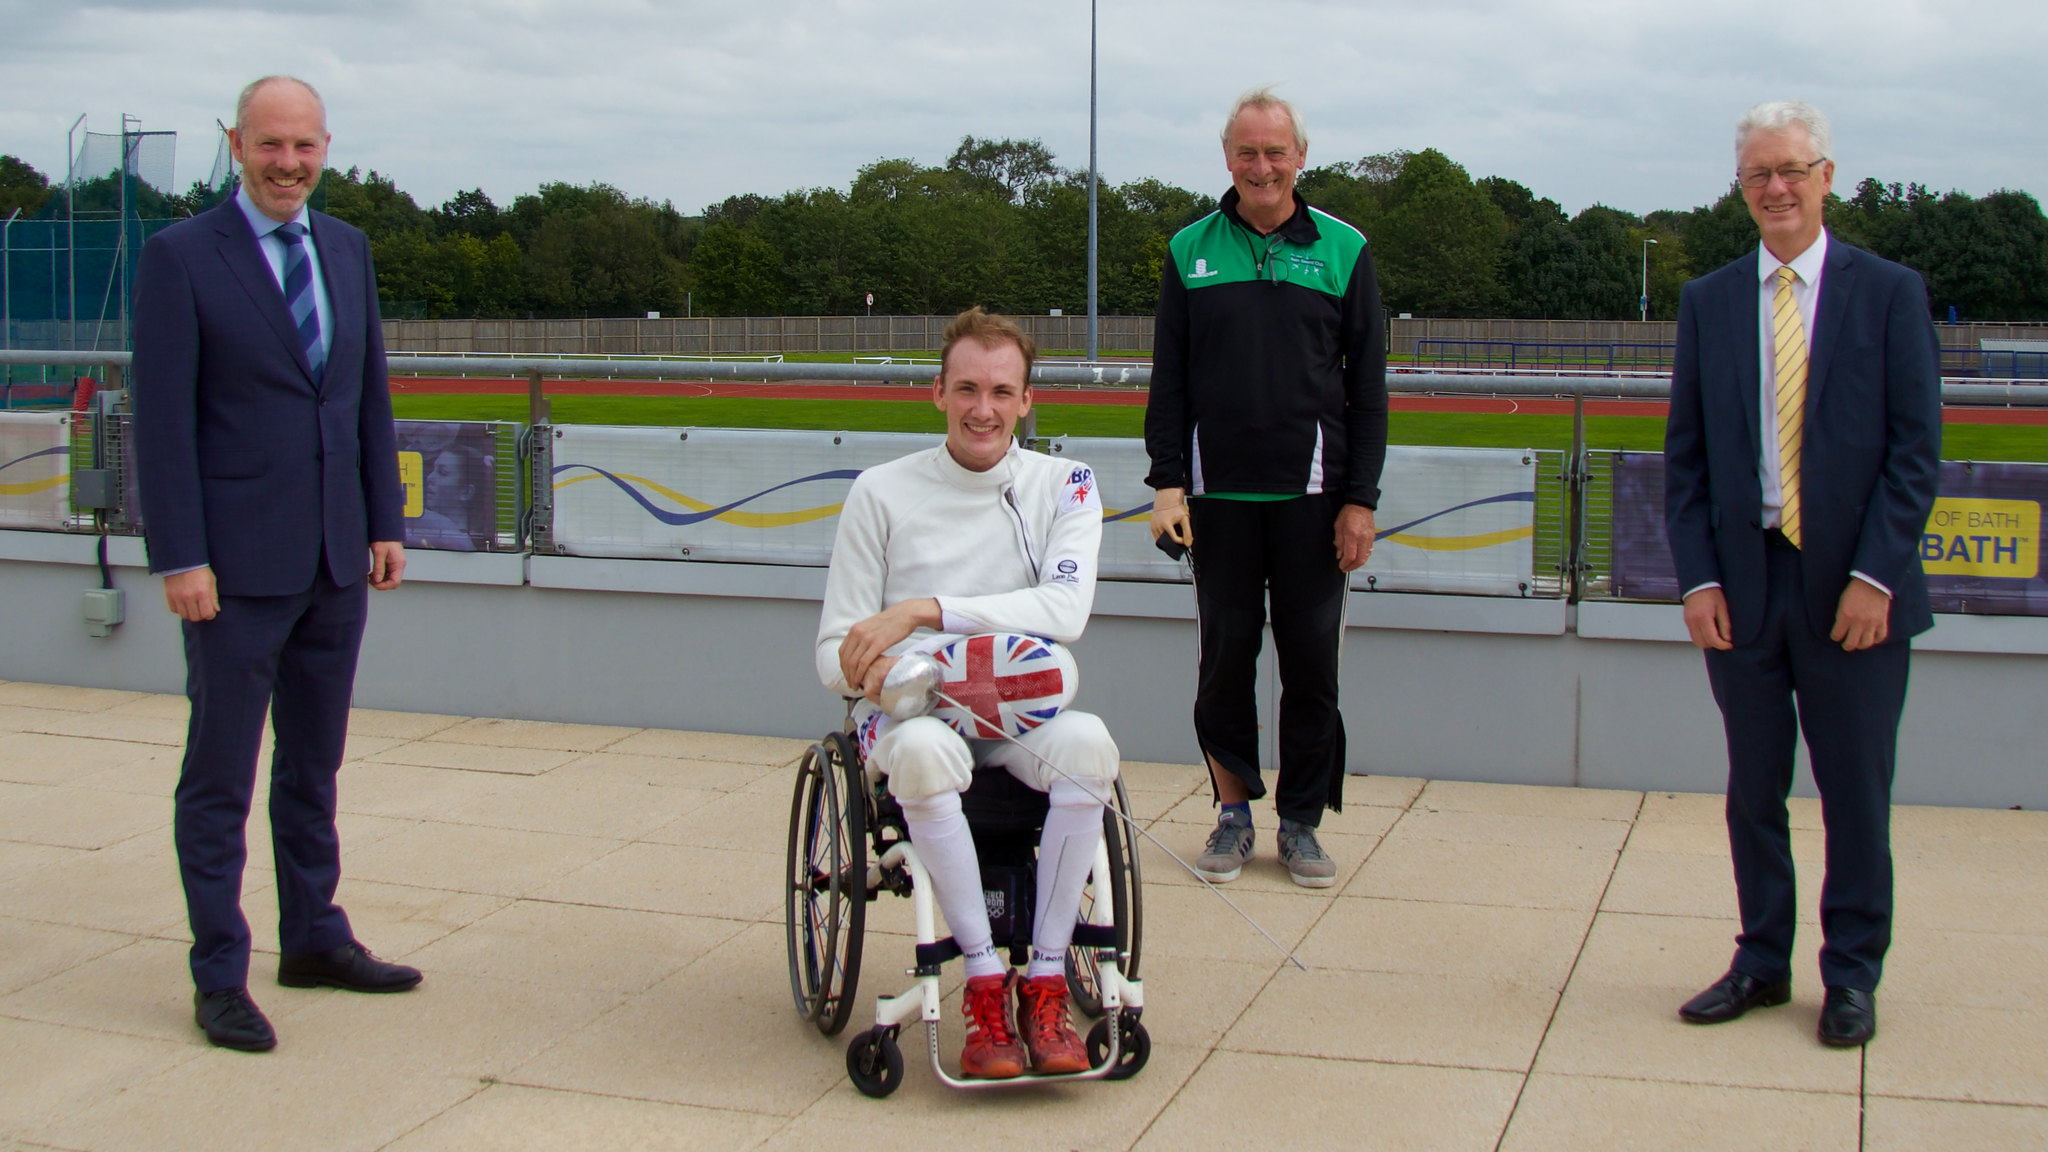 (左起)议员贾斯汀·汤姆林森, 残疾人国务部长, 残奥会冠军皮尔斯·吉利弗, 浴剑俱乐部教练罗伯·布鲁尼格斯和伊恩·怀特教授, AG亚洲游戏副校长